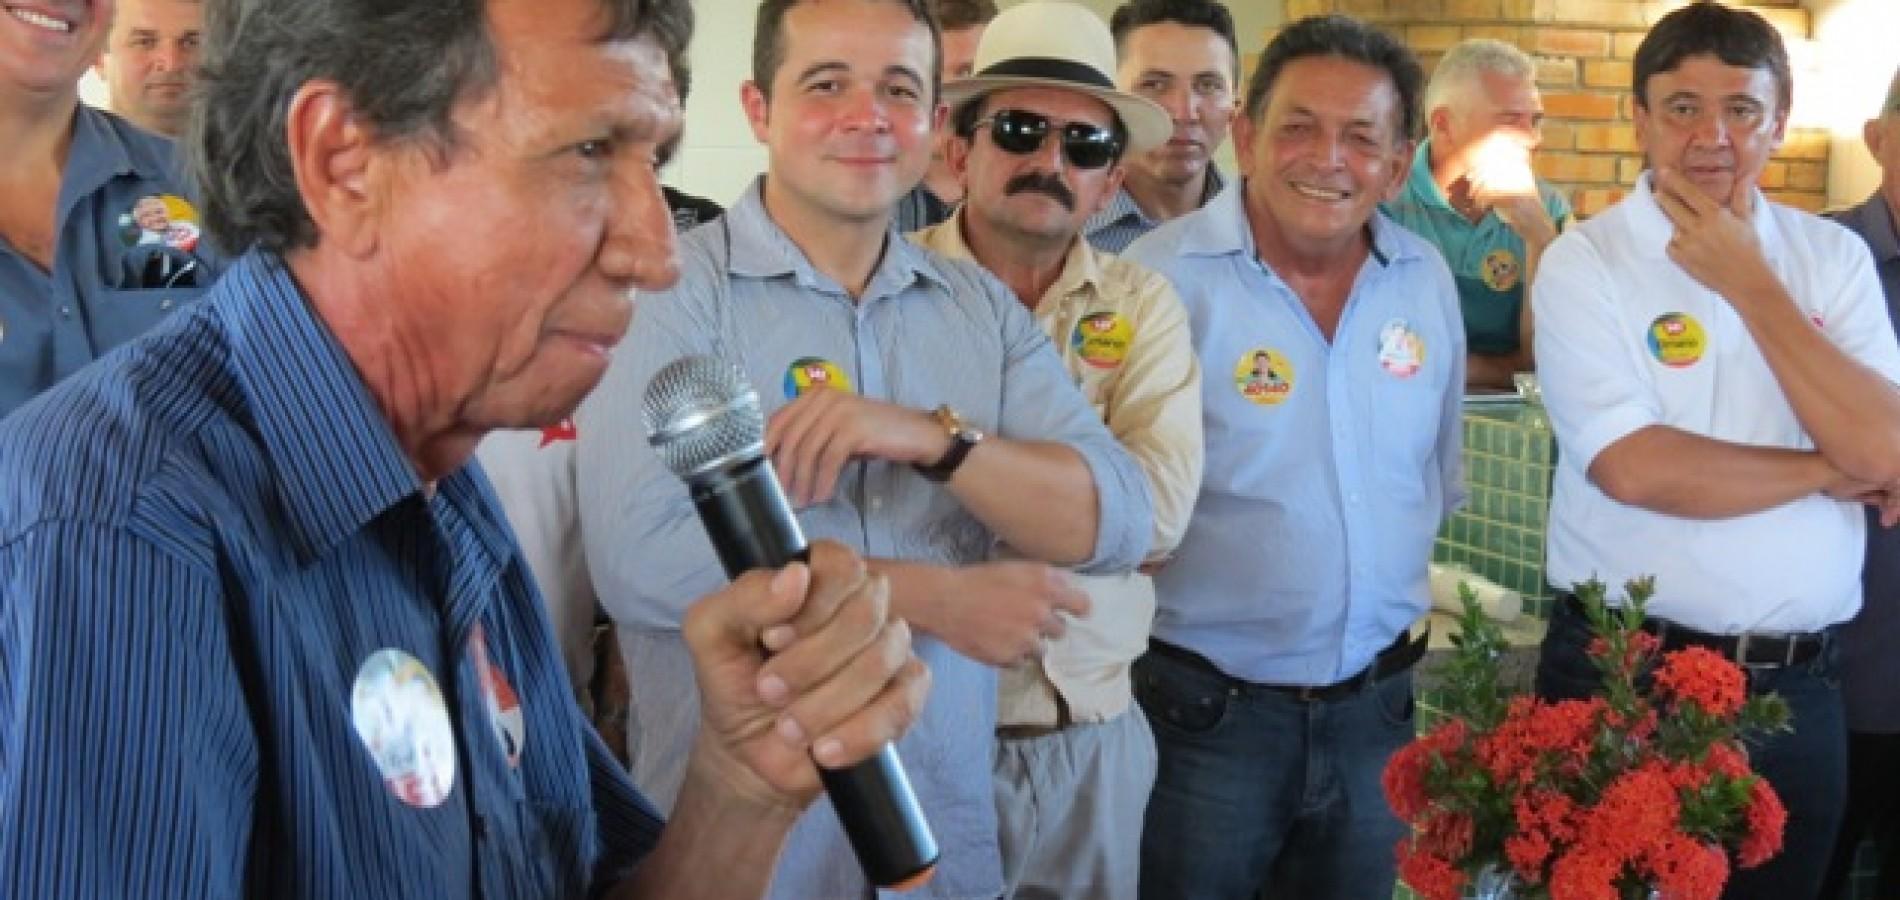 Wellington Dias reúne Zé Neri e Gil Paraibano, adversários históricos e ferrenhos no mesmo palanque